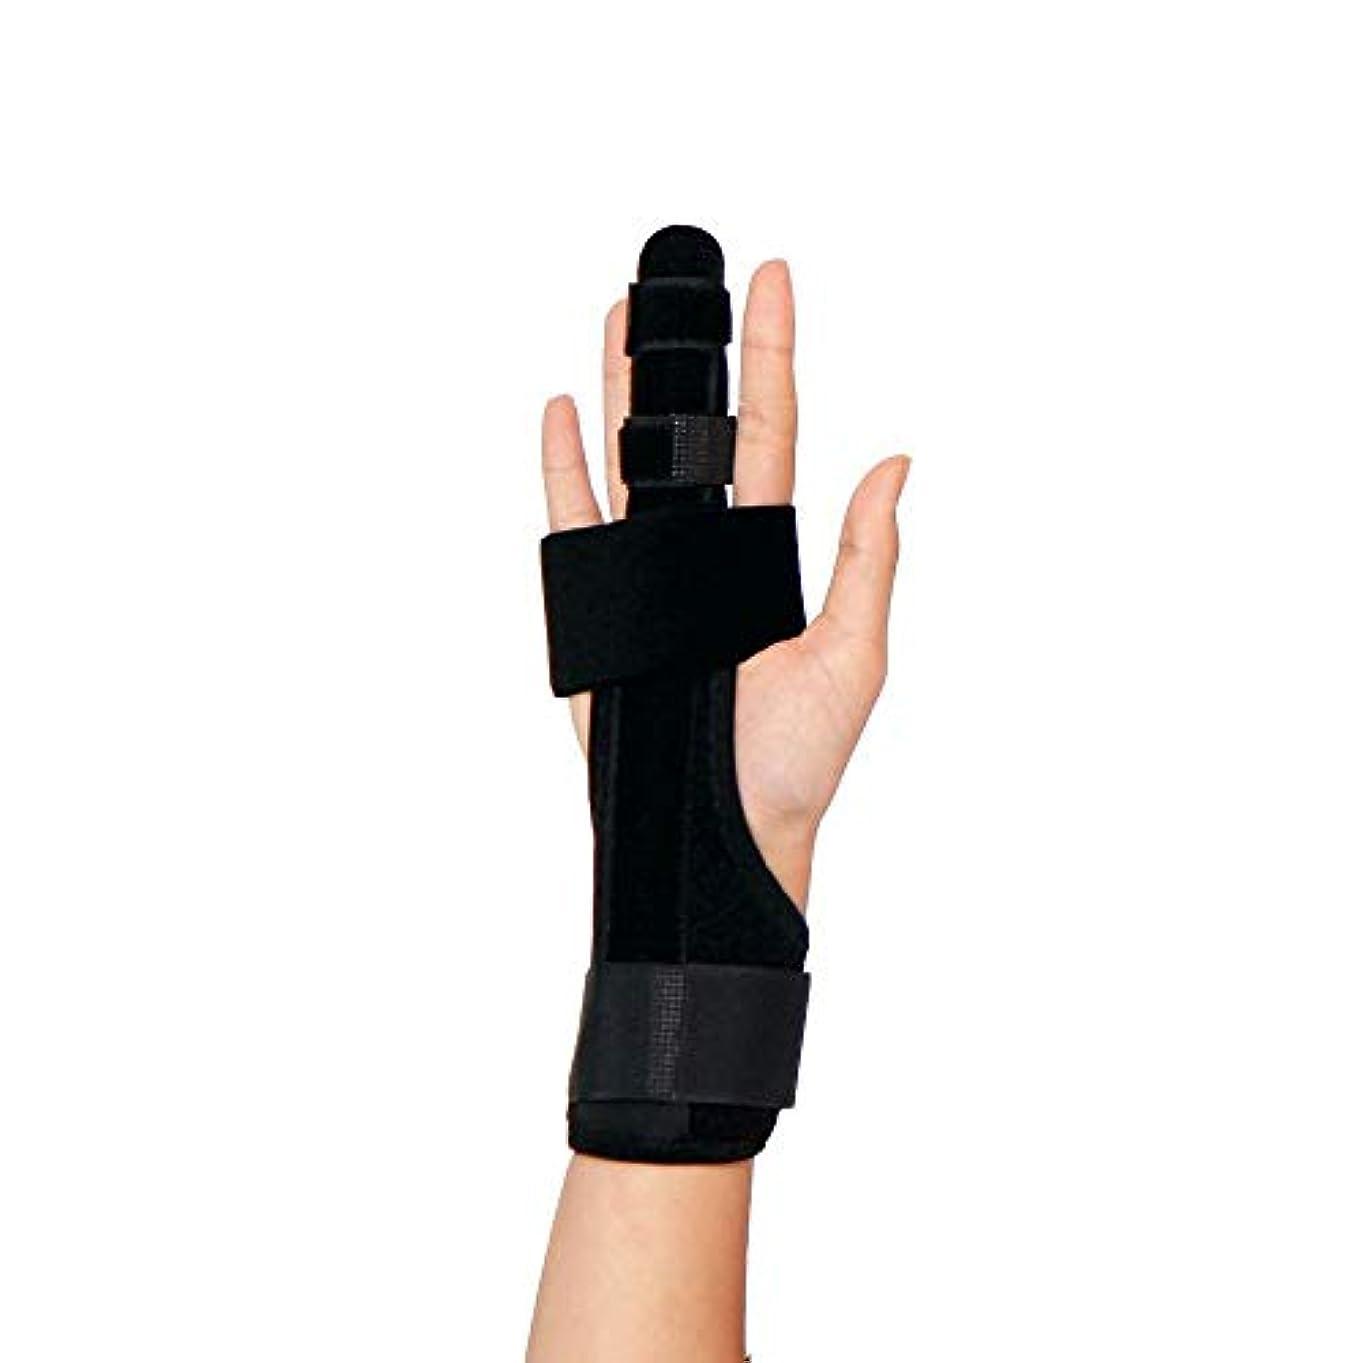 化学メンバー焼くトリガーフィンガースプリントフィンガーブレース、折れた指用の快適なフィンガースプリント、曲がったマレットまたは関節炎の指関節用の調整可能なプロテクター